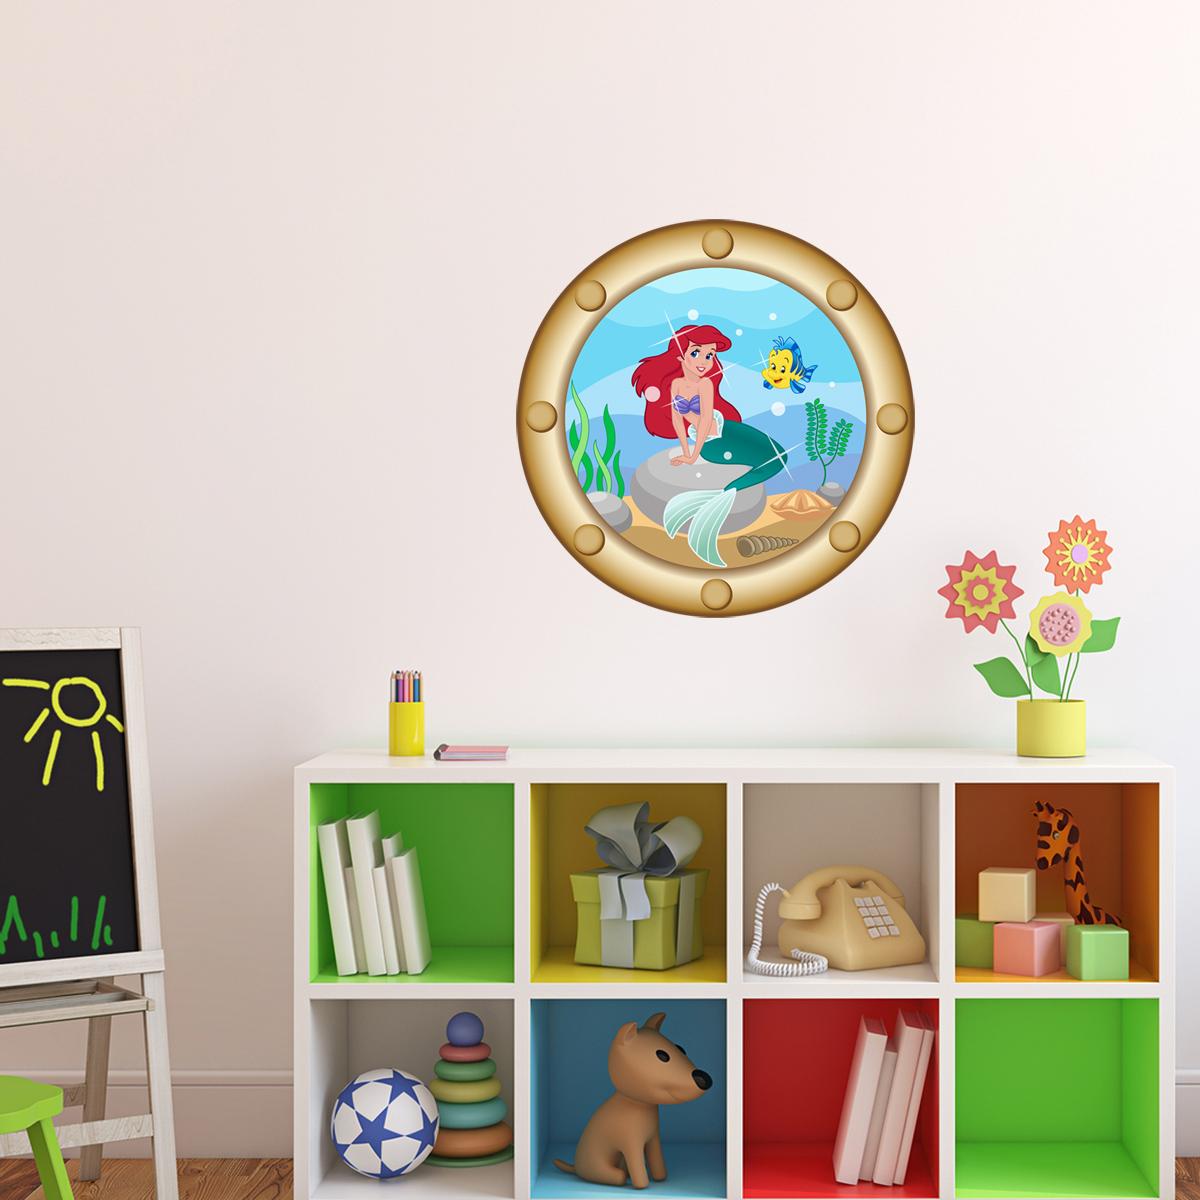 Sticker muraux trompe l 39 oeil sticker mural hublot avec sir ne ambiance - Stickers muraux trompe l oeil ...